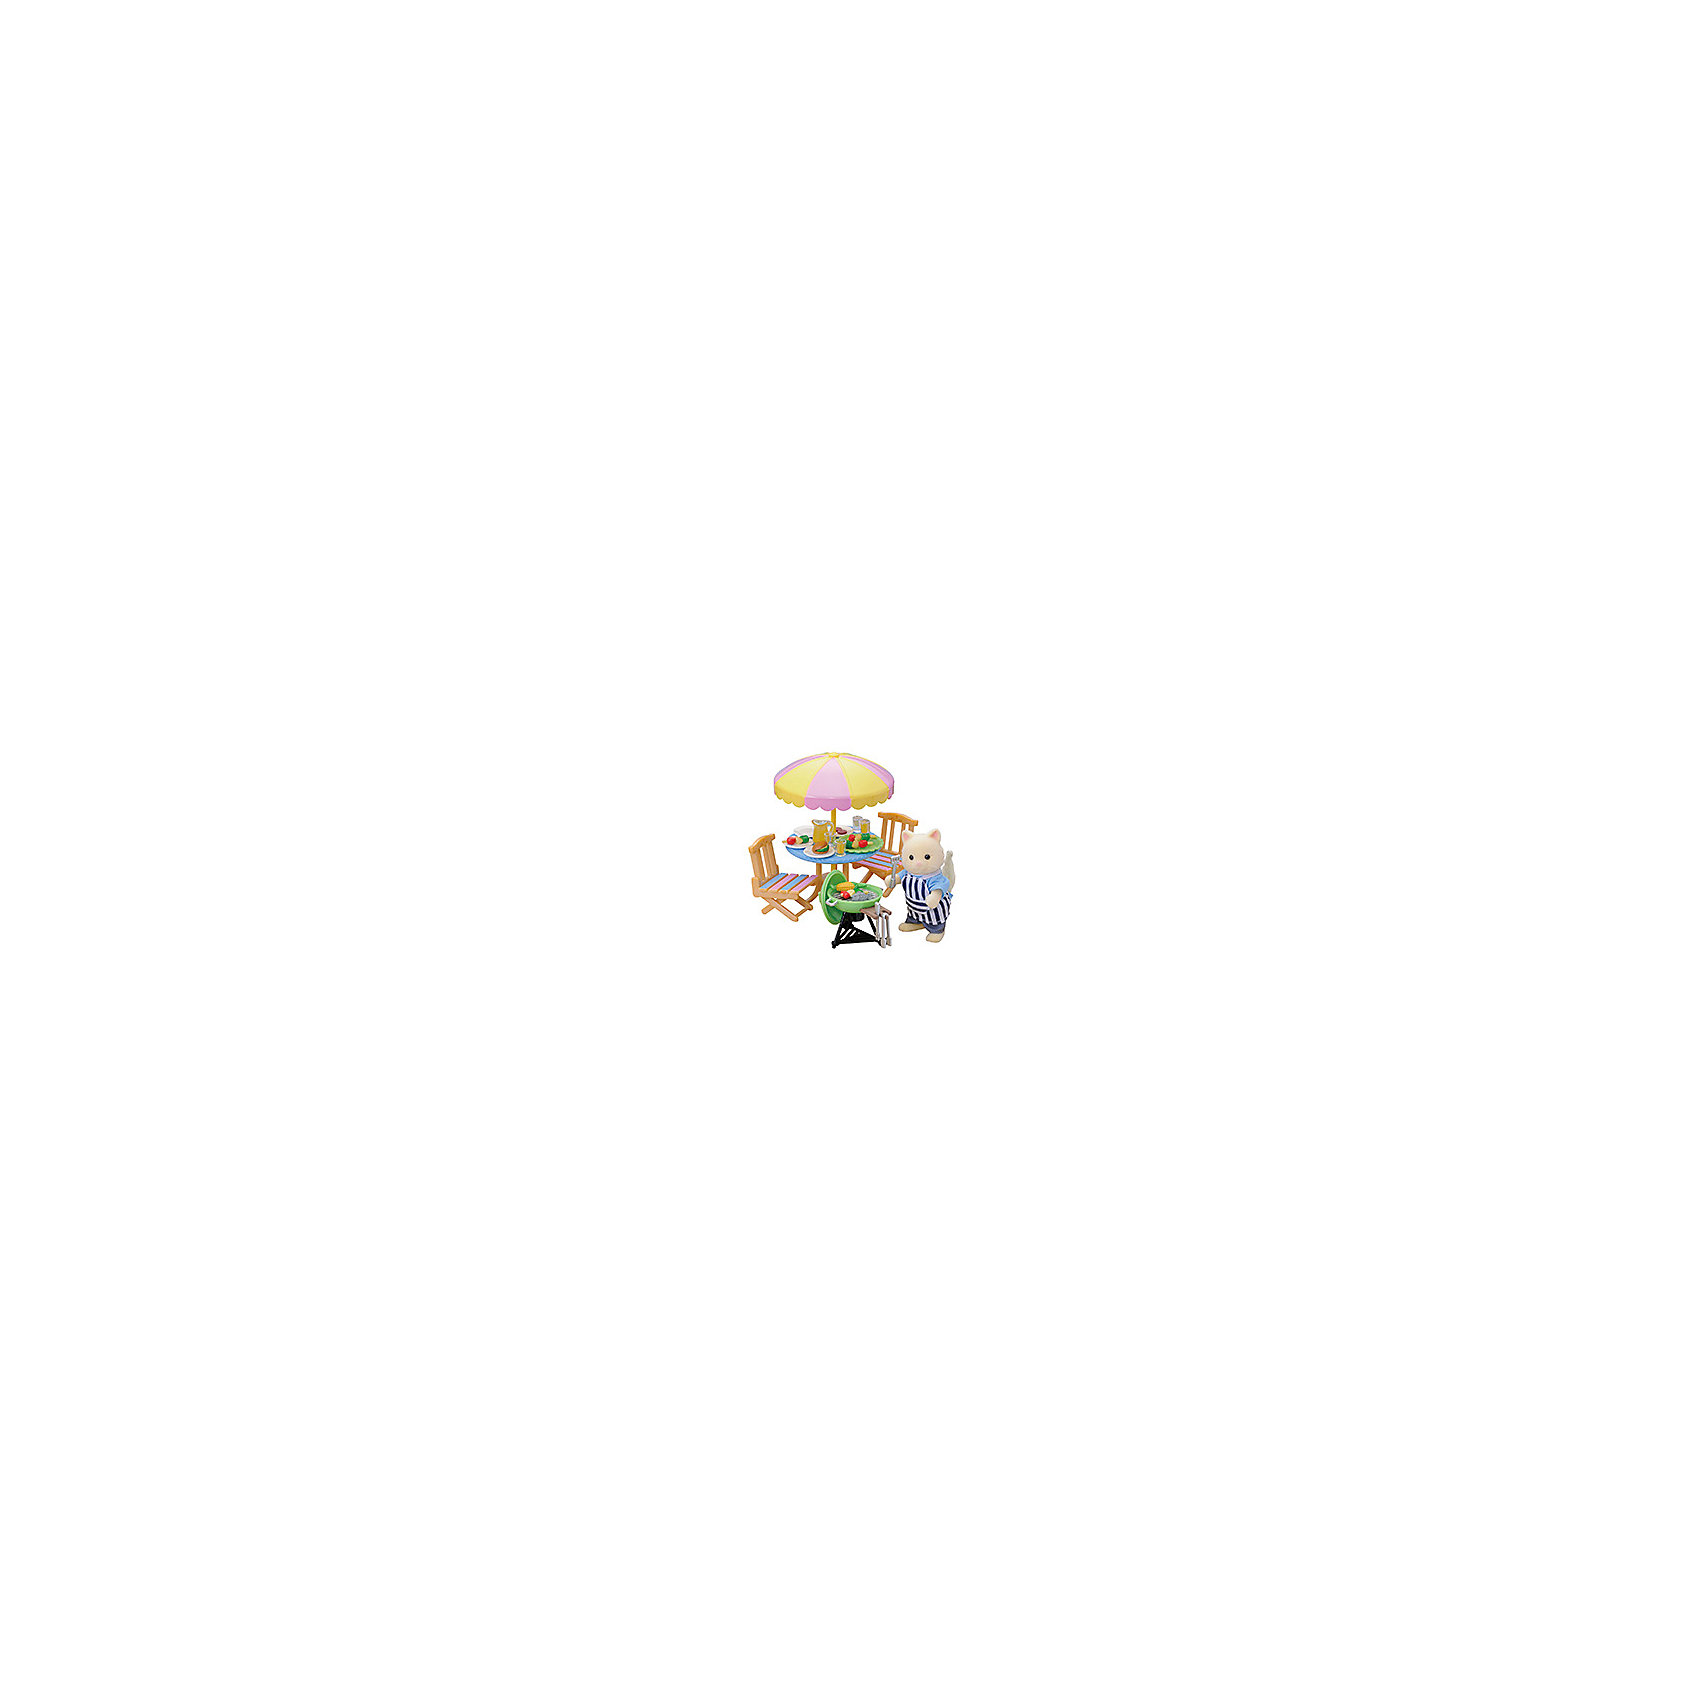 Набор Барбекю Sylvanian FamiliesSylvanian Families (Сильваниан Фэмилиес) набор Барбекю - отличный игровой набор, который обязательно порадует вашего ребенка.<br><br>В набор входят: кот из Сильвании, стол с зонтиком, 2 стула, печь-барбекю, набор посуды, фартук и продукты.<br><br>У всех животных  из Сильвании подвижные ручки и приспособлены для держания различных маленьких предметов, которые можно найти в многочисленных наборах от Sylvanian Families. <br>В комплекте:<br><br>фигурка кота в фартучке (8 см)<br>два садовых стула<br>садовый столик с зонтиком<br>мангал для барбекю с решеткой и дровами<br>щипцы для углей<br>лопаточка для переворачивания мяса<br>4 канап<br>рыба и мясо<br>кувшин<br>4 стакана<br>поднос<br><br>Дополнительная информация:<br><br>Материал: пластмасса, текстиль. <br><br>Этот набор обязательно порадует Вашего ребёнка, ведь теперь он сможет разыгрывать сценки из собственной жизни!<br>Набор способствует развитию фантазии и навыков общения.<br><br>Ширина мм: 204<br>Глубина мм: 175<br>Высота мм: 60<br>Вес г: 175<br>Возраст от месяцев: 36<br>Возраст до месяцев: 72<br>Пол: Женский<br>Возраст: Детский<br>SKU: 2458885